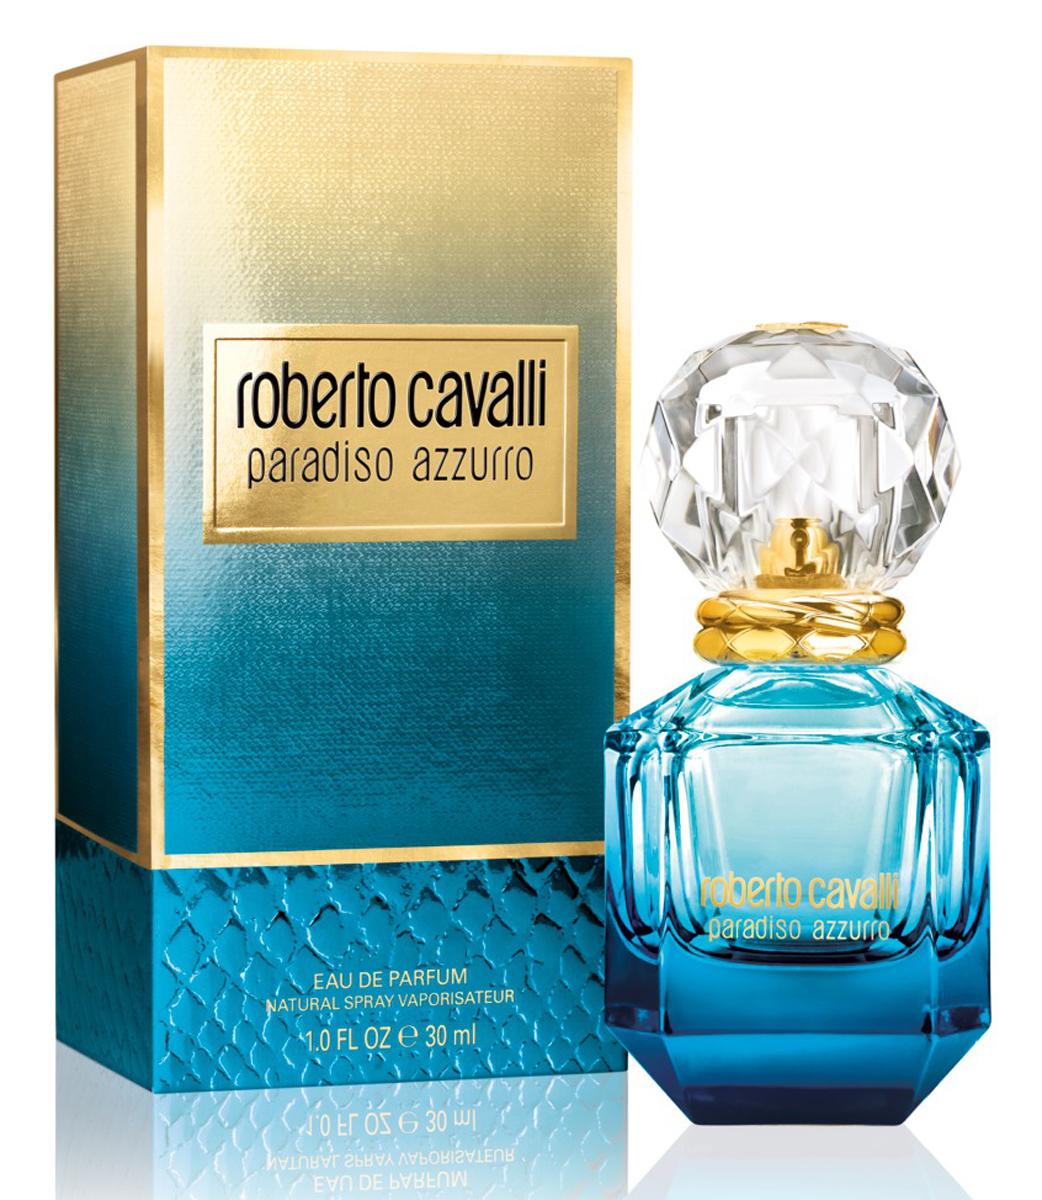 Roberto Cavalli Paradiso Azzurro Парфюмерная вода женская 30 мл75777063000Женщина Roberto Cavalli Paradiso излучает шарм, радость и свет. Она - уверена и счастлива. Она берет от жизни все и превращает каждый ее миг в бесценную возможность, которую нужно использовать и ценить. Утонченный цветочно-лесной аромат стал симфонией солнечных нот, навеянных итальянскими пейзажами. Дразнящая прелюдия бергамота и лаванды, щедрая смесь дикого жасмина и кипариса, сандала и ванили. Это свежее и радостное начало, искрящееся жизнью и светом. За ним следует главная нота - дикий жасмин, вносящий роскошные обертоны ненасытной чувственности.Верхняя нота: Бергамот, Лаванда и Танжерин.Средняя нота: Дикий жасмин, Водные ноты, Яблоко, Персик, Роза и Тубероза.Шлейф: Кипарис, Кашмирское дерево, Древесный янтарь, Сандал и Ваниль.Утонченный цветочно-лесной аромат стал симфонией солнечных нот, навеянных итальянскими пейзажами.Дневной и вечерний аромат.Краткий гид по парфюмерии: виды, ноты, ароматы, советы по выбору. Статья OZON Гид